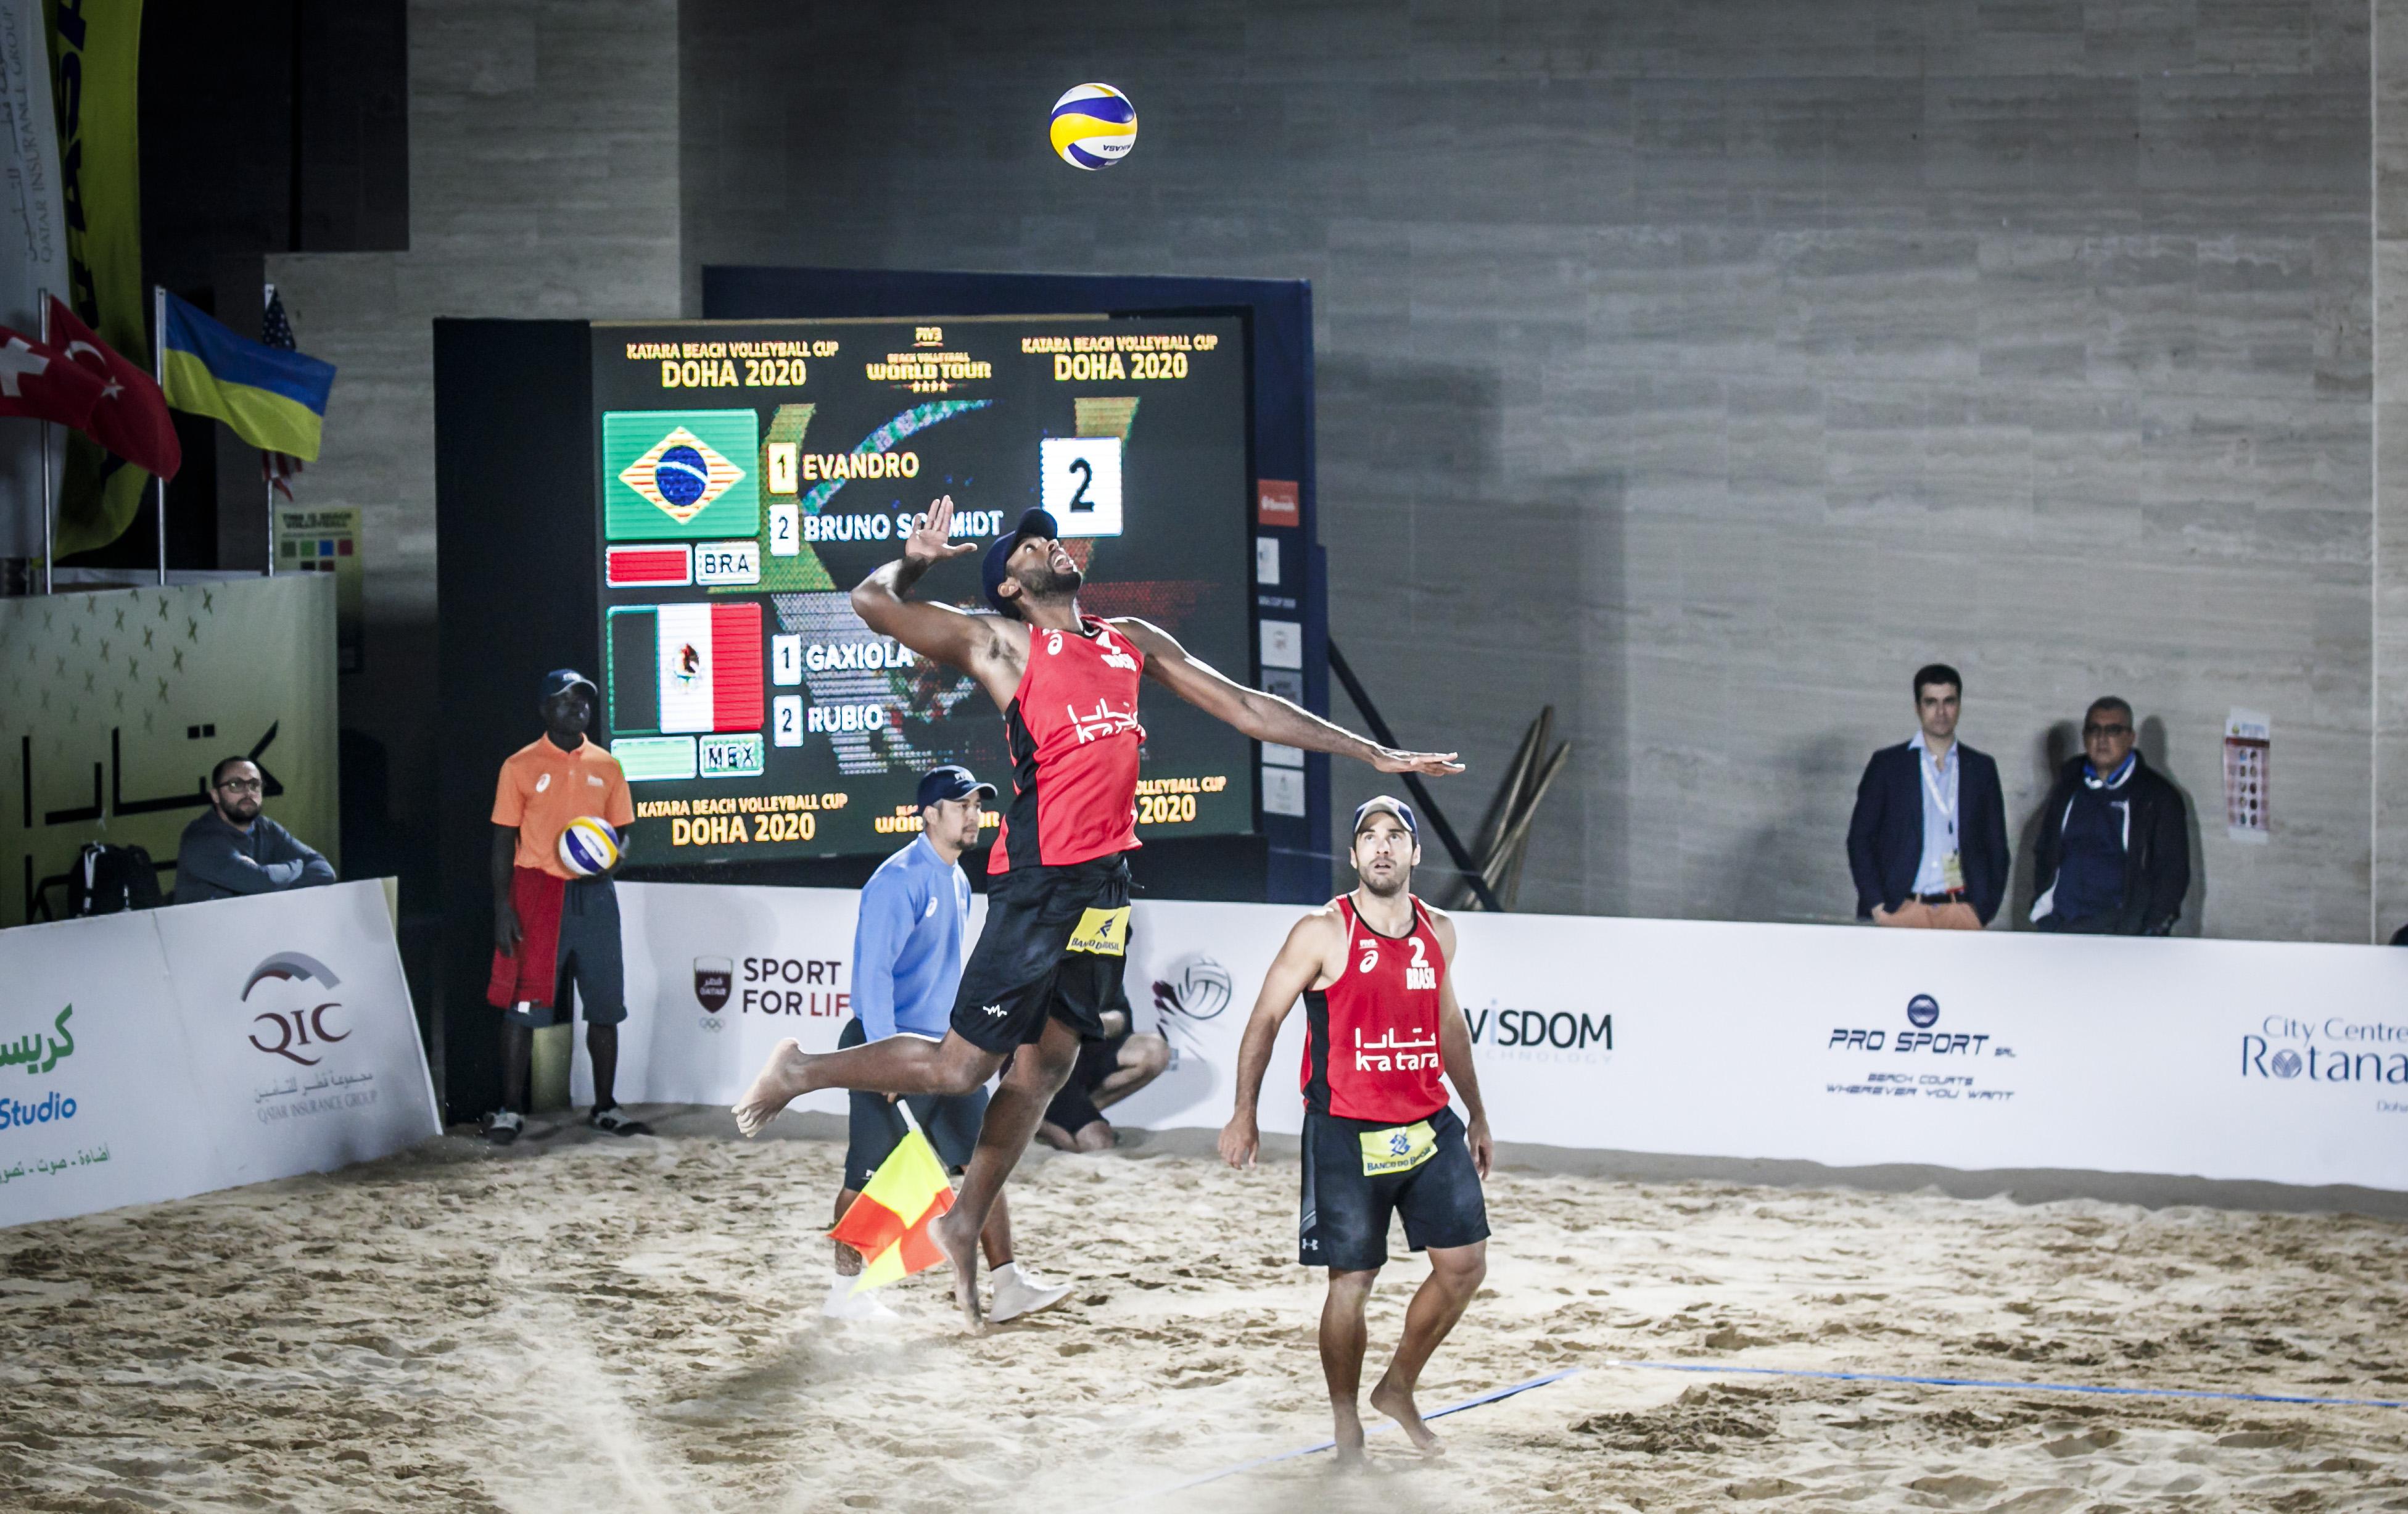 Evandro e Bruno Schmidt vão disputar o bronze na etapa de Doha